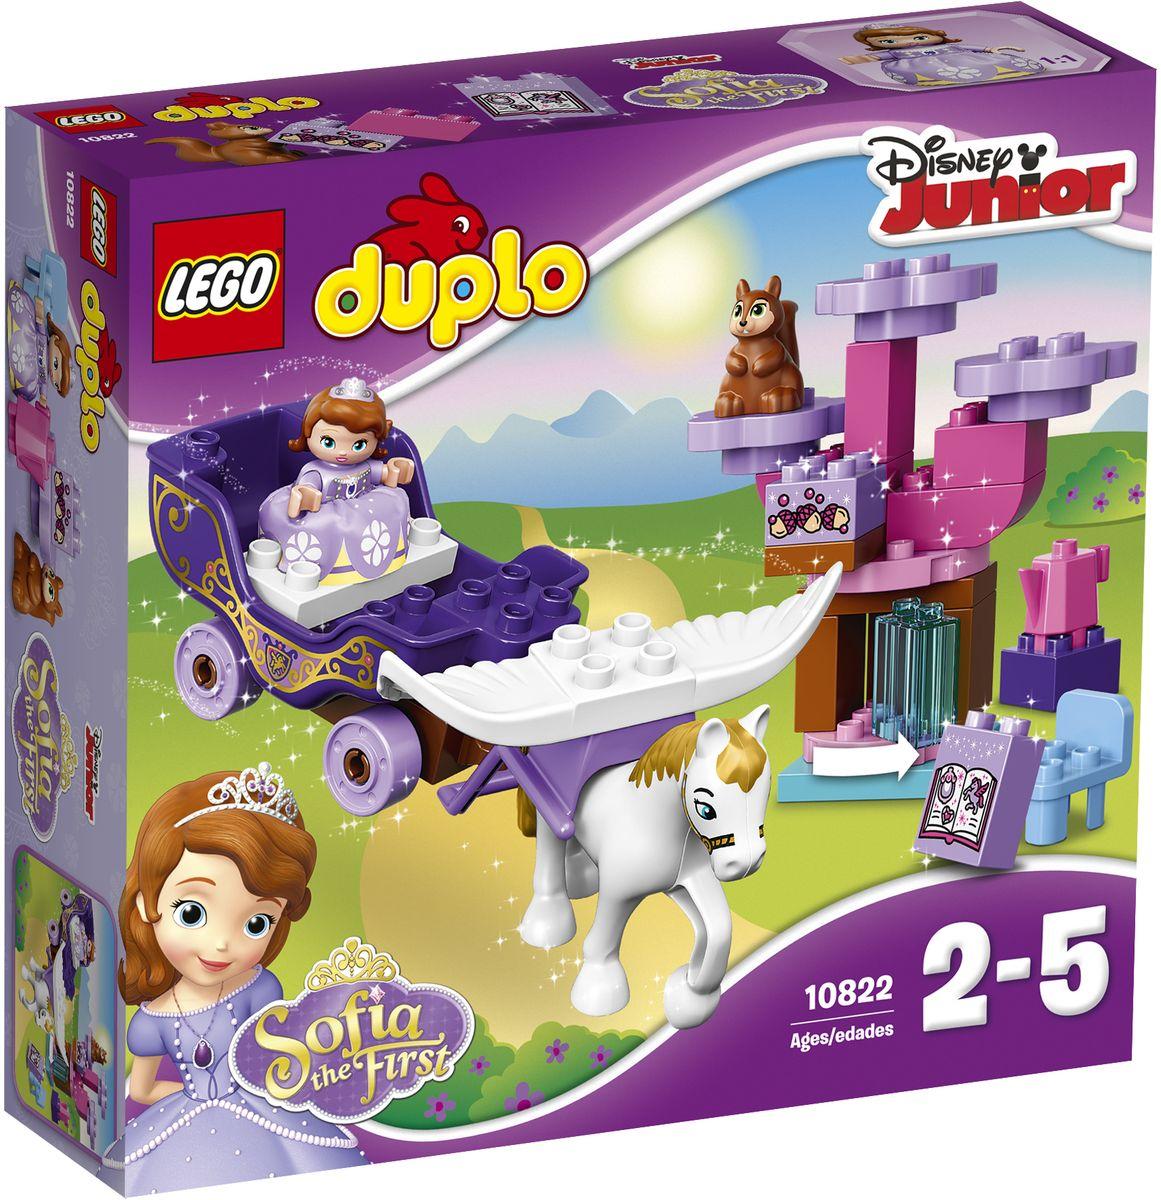 LEGO DUPLO Конструктор Волшебная карета Софии Прекрасной 1082210822Поклонники Софии Прекрасной из Disney Junior с удовольствием отправятся участвовать в настоящих приключениях в волшебной карете Софии, запряженной ее летающим конем, Великим Минимусом. Участвуйте в лесном чаепитии вместе с белкой Орешек, устроенном неподалеку от ее вращающегося дерева, и помогите Софии найти волшебную книгу, спрятанную в тайной библиотеке. В набор входят фигурки LEGO DUPLO: София, Минимус Великий и белка Орешек. Набор включает в себя 30 разноцветных пластиковых элементов. Конструктор - это один из самых увлекательных и веселых способов времяпрепровождения. Ребенок сможет часами играть с конструктором, придумывая различные ситуации и истории.